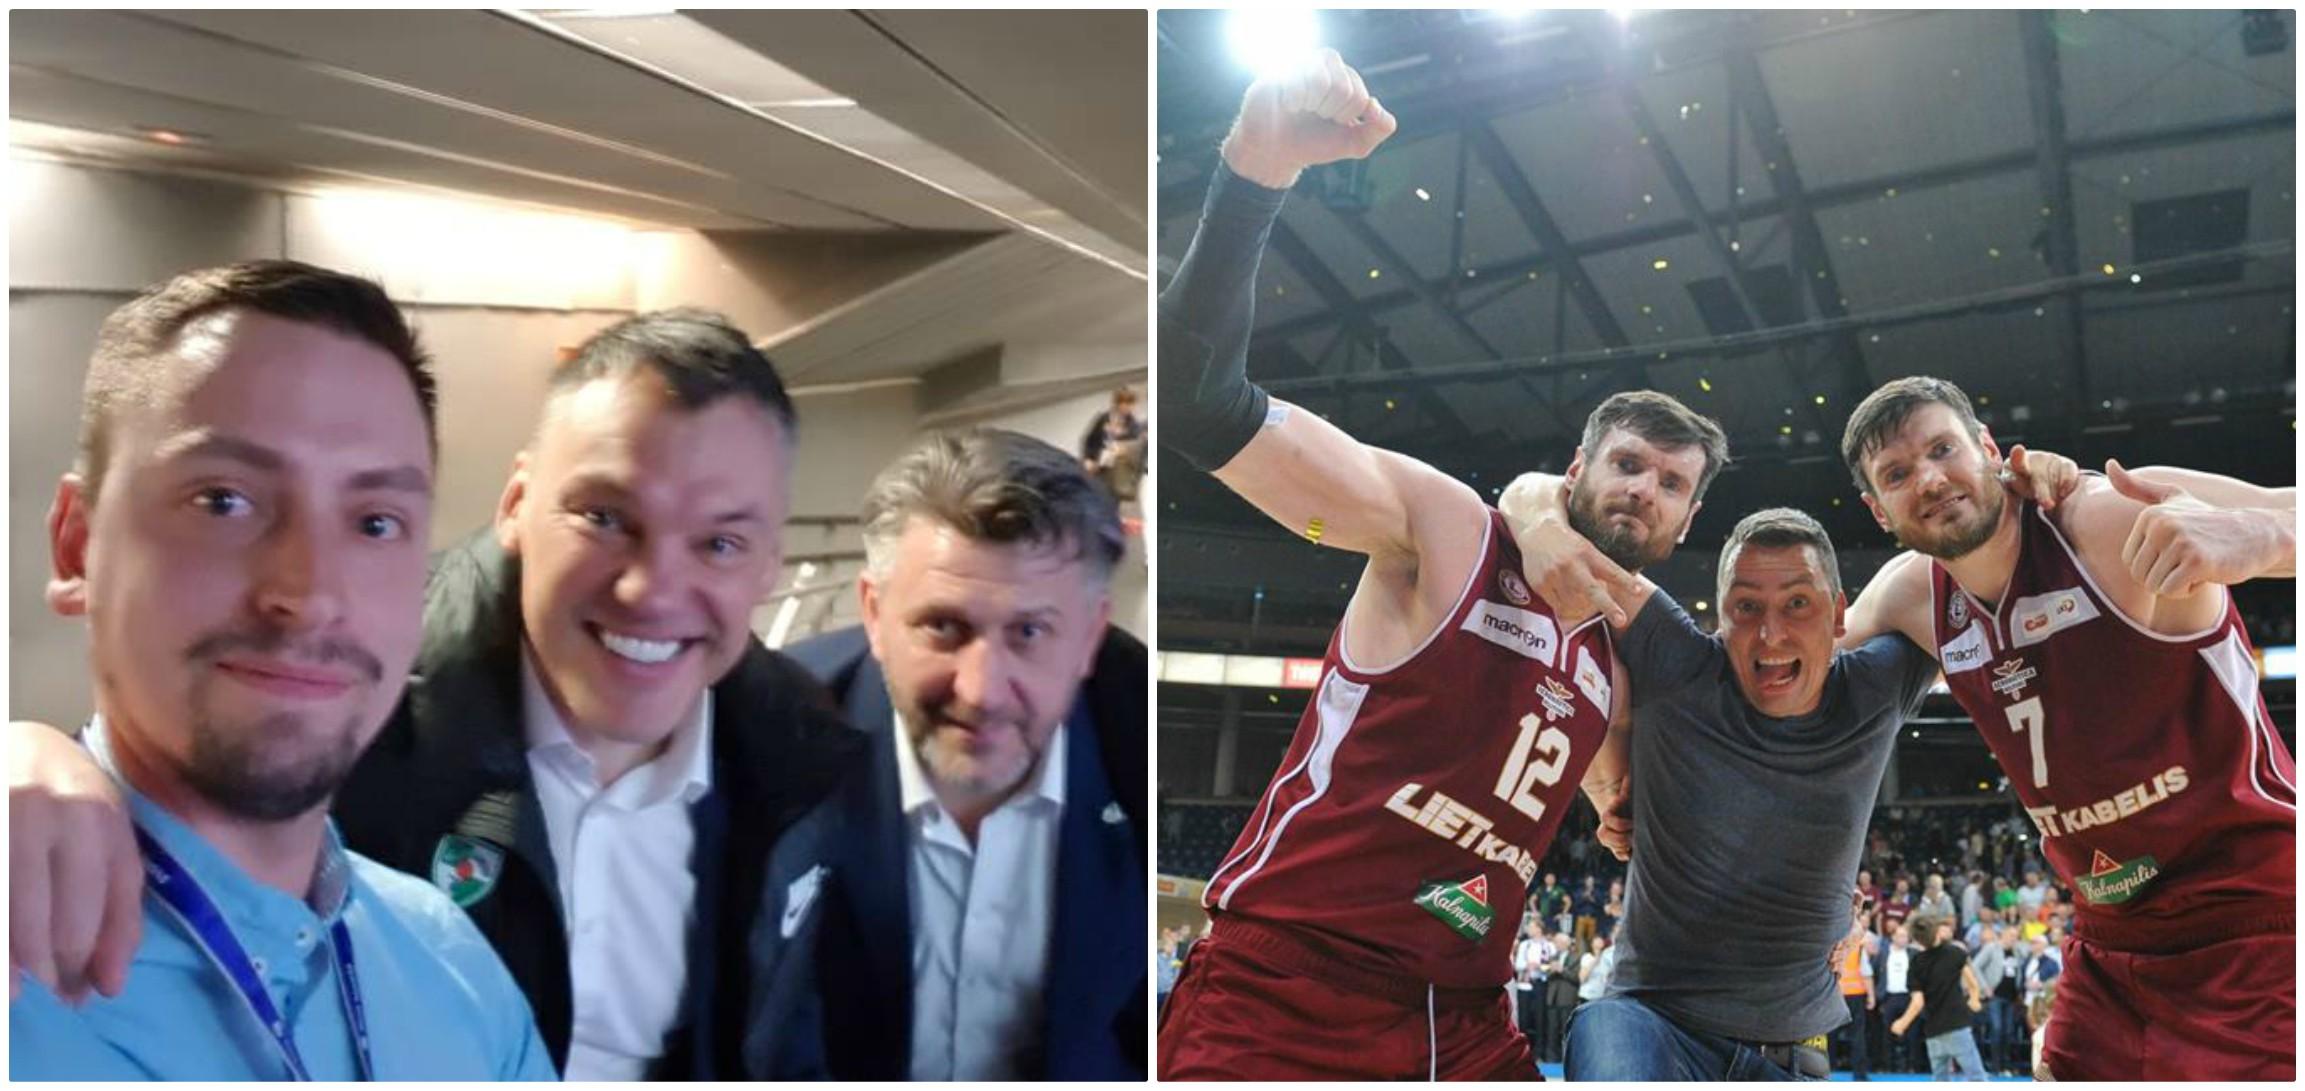 """Kaip pastebi pats V. Mikaitis, pagrindinis kelionių agentūros """"Pravalturas"""" """"elektoratas"""" – žinomų Lietuvos krepšinio komandų treneriai ir žaidėjai. Išvydę Vytautą, jie nevengia paminėti, iš kokios """"įstaigos"""" jis atvykęs. Roko Lukoševičiaus ir asmeninio archyvo nuotr."""